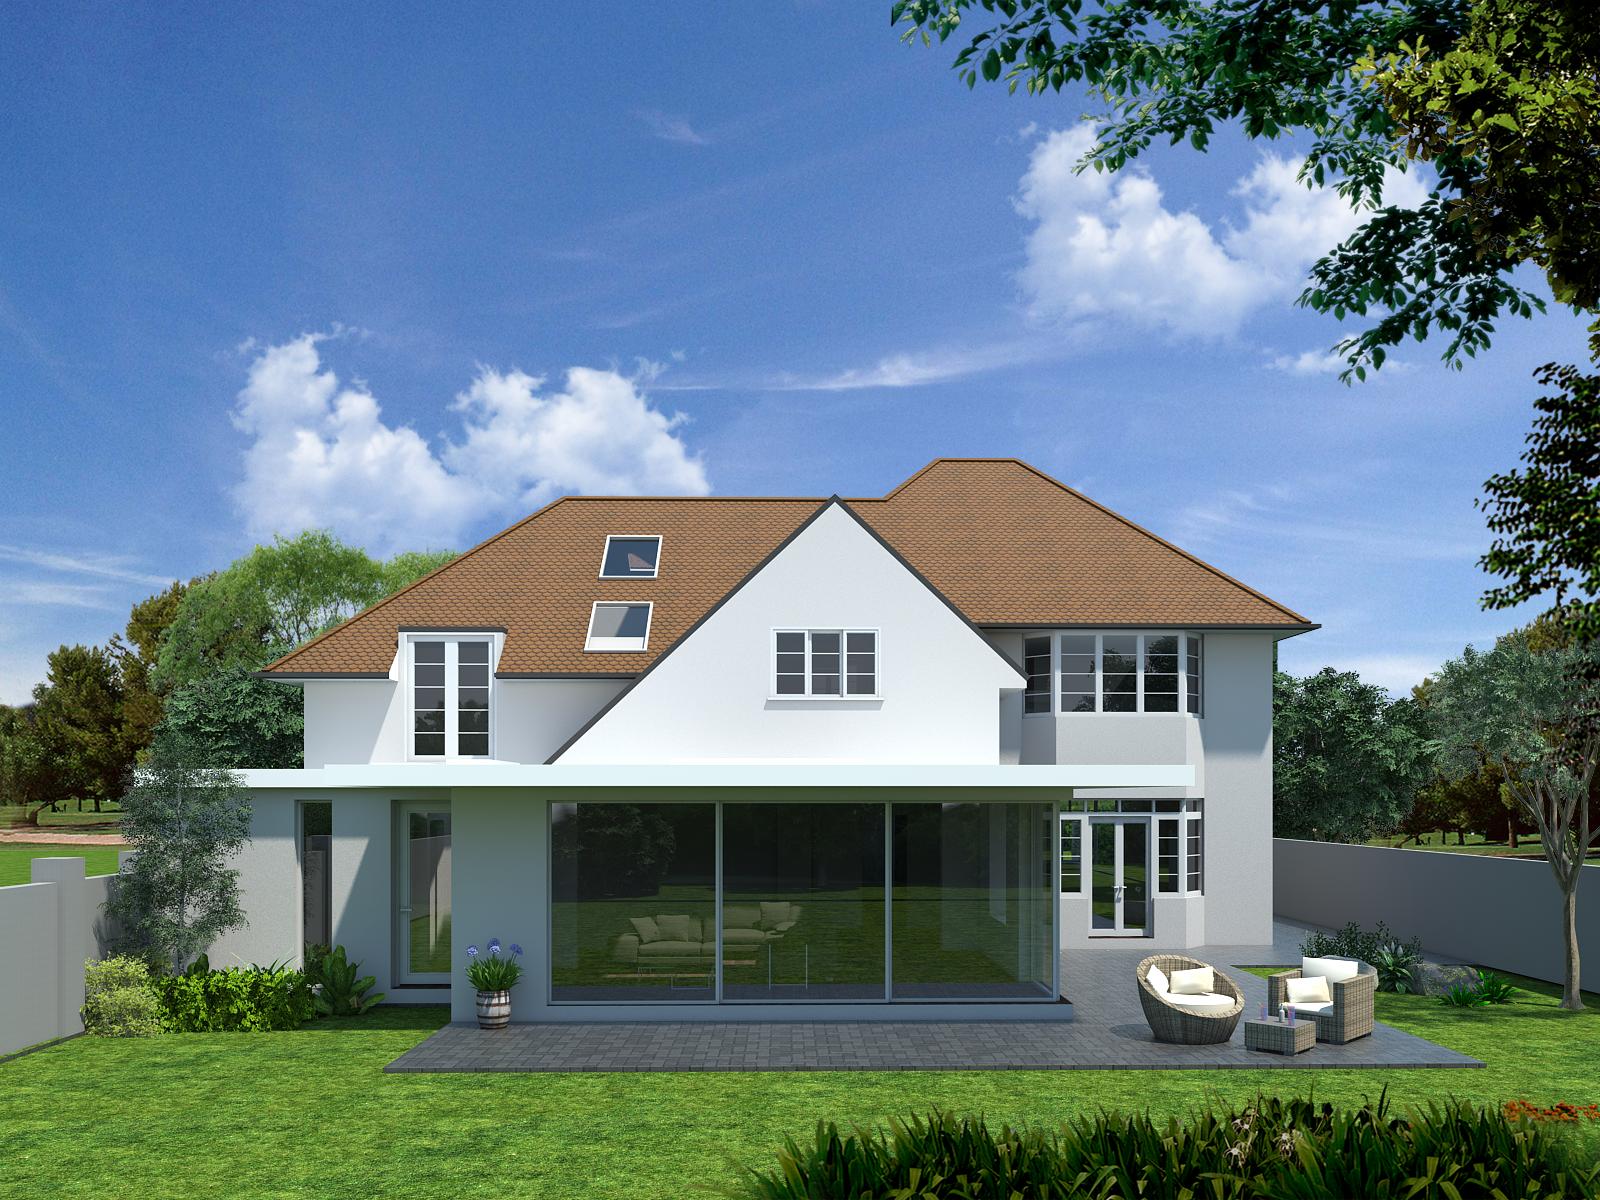 Goring Architectural Design Rear Elevation.png